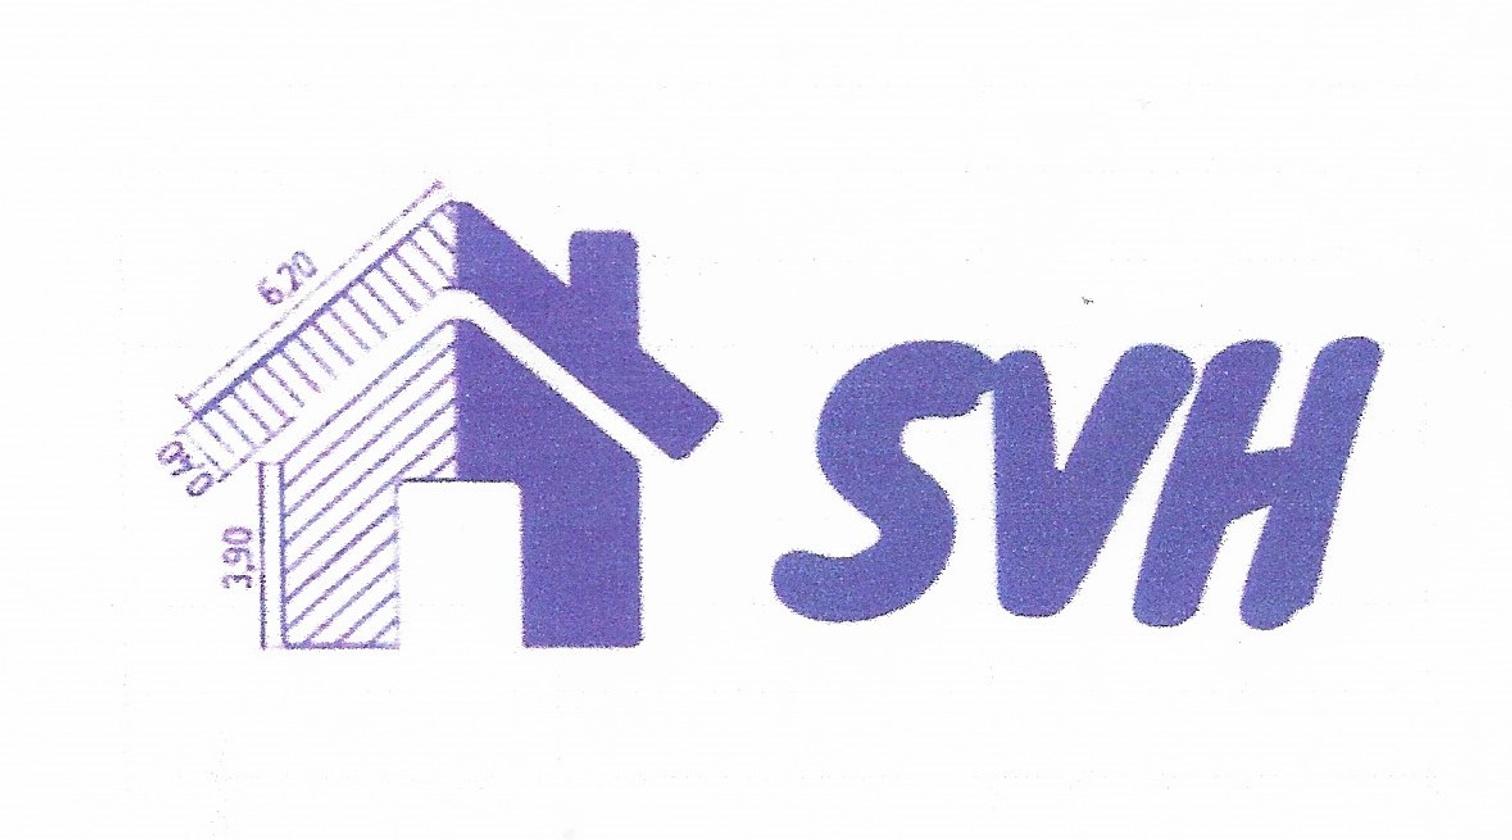 Svh totaalprojecten logo